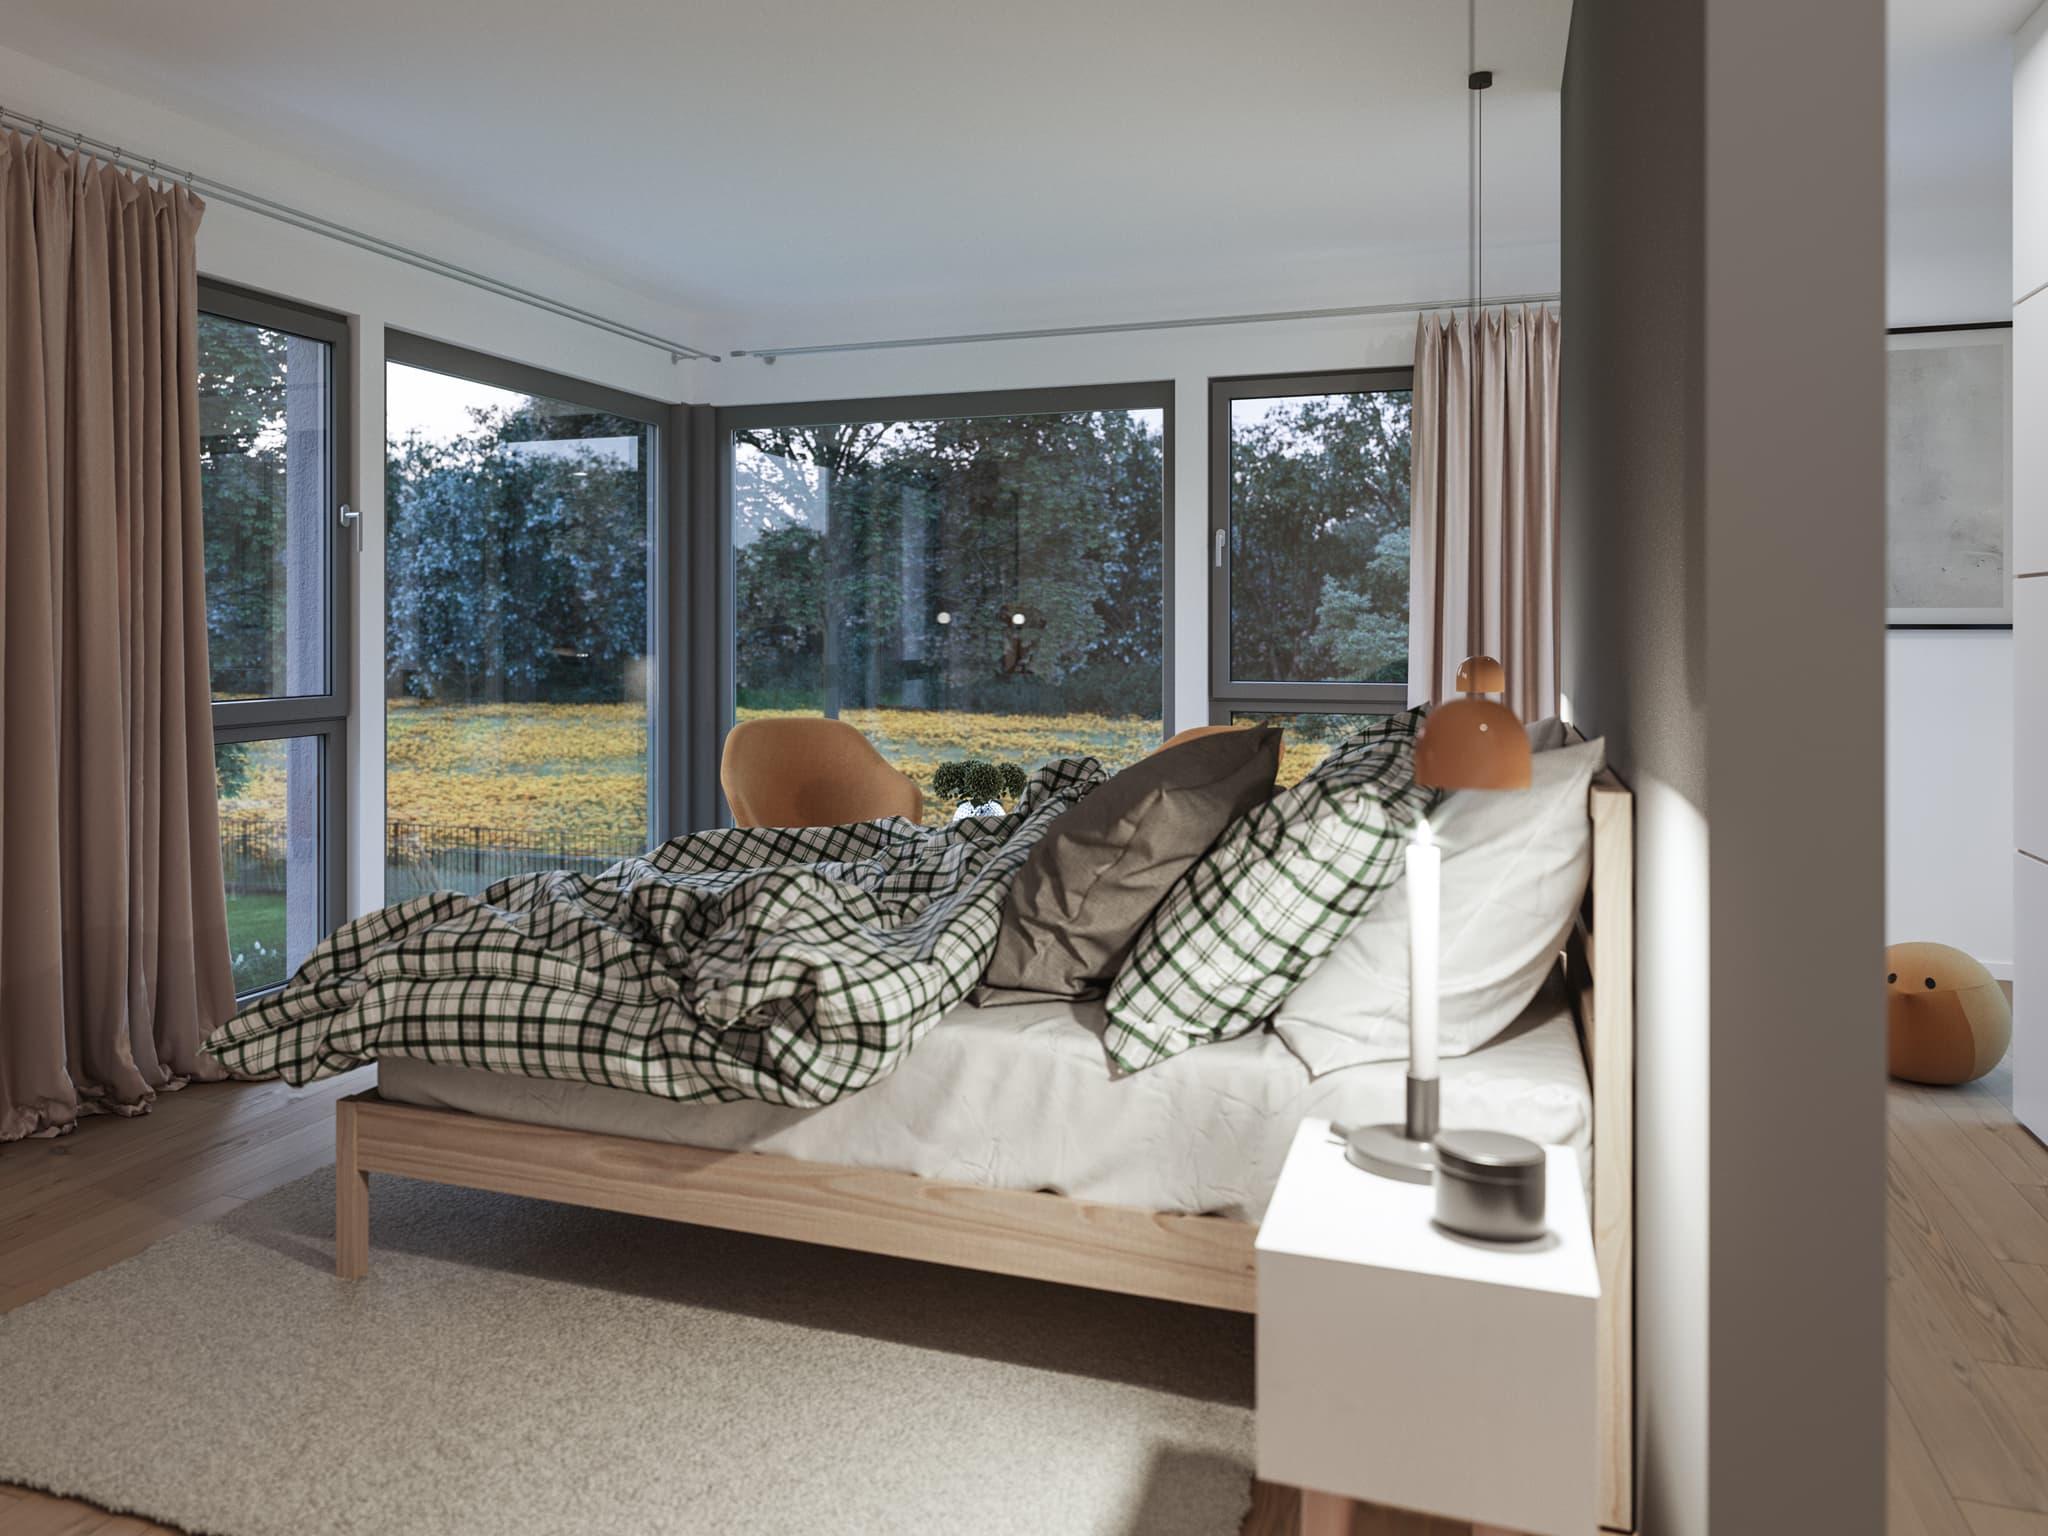 Schlafzimmer Ideen - Inneneinrichtung Fertighaus Living Haus SUNSHINE 154 V5 - HausbauDirekt.de